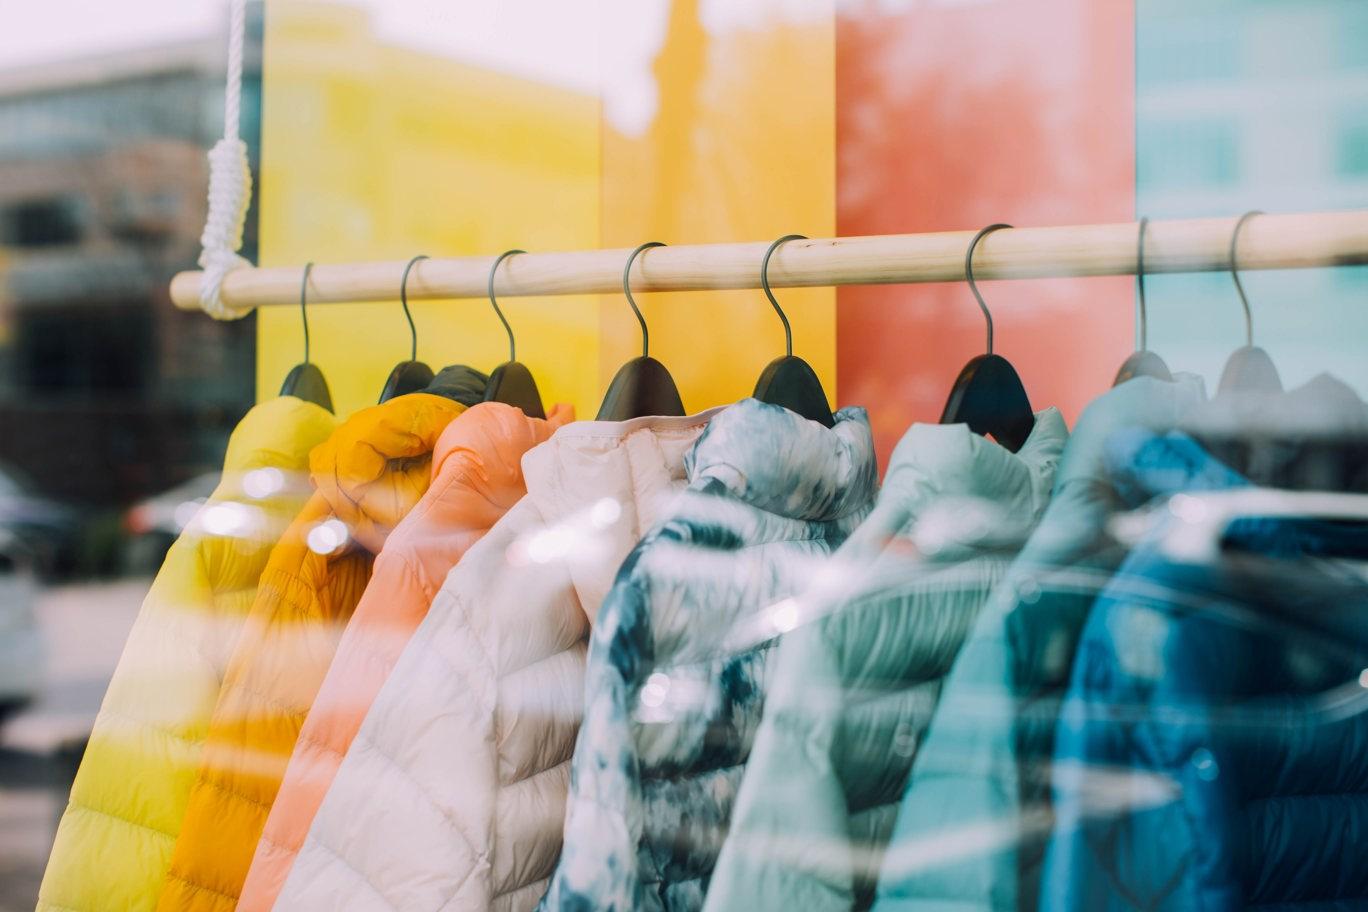 Retail stocks, Ecommerce stocks, Online shopping stocks